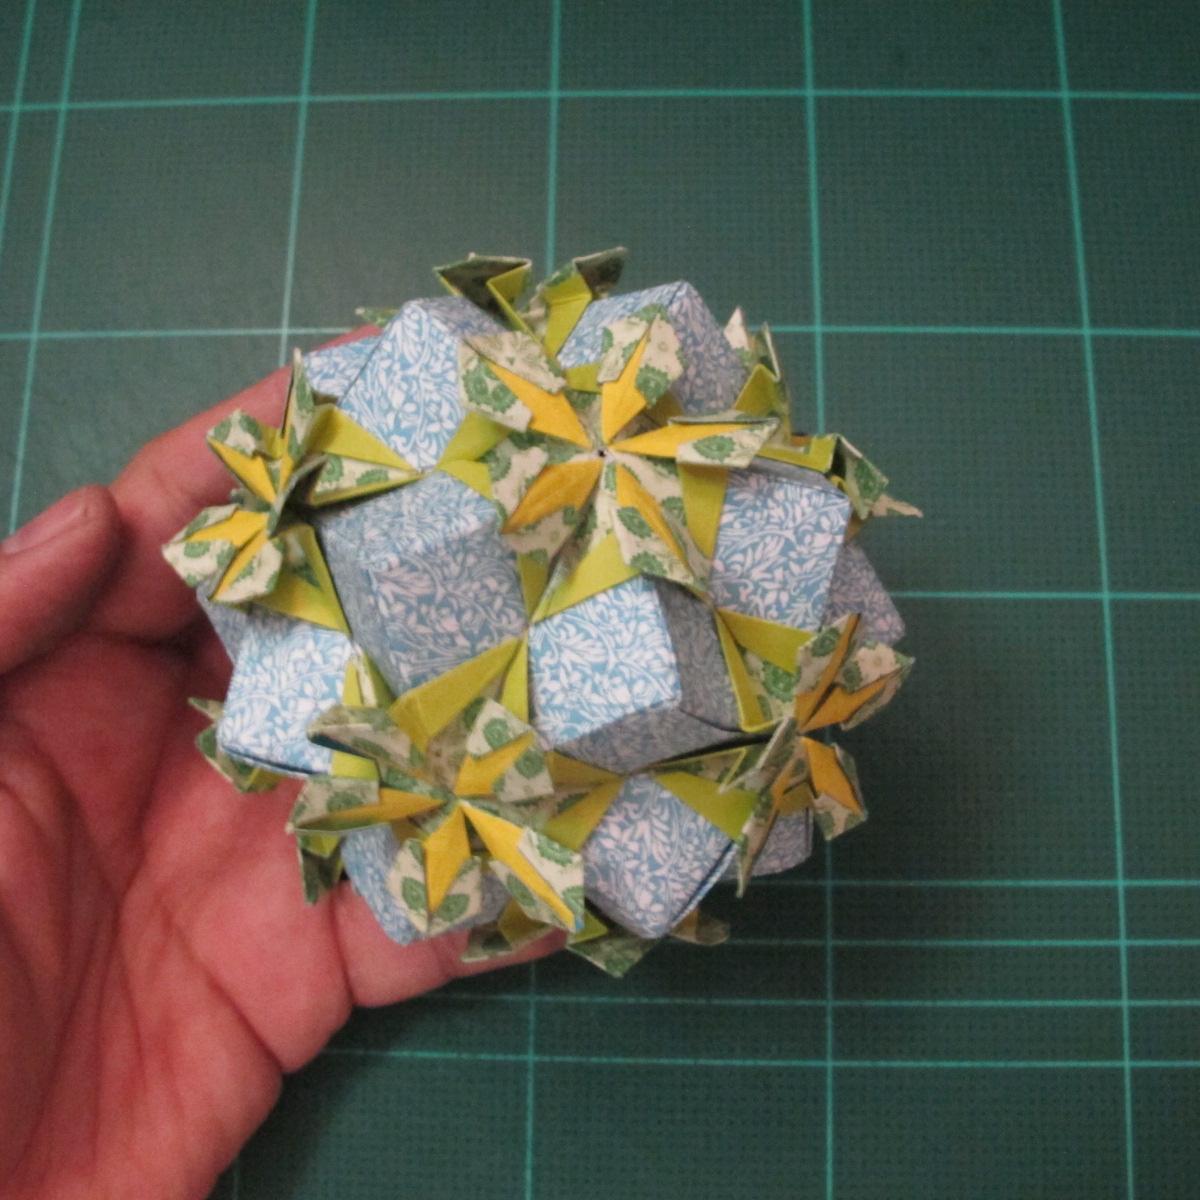 วิธีพับบอลกระดาษแบบเอสเตลล่าฟลอร์ (Estrella Flor Kusudama)021